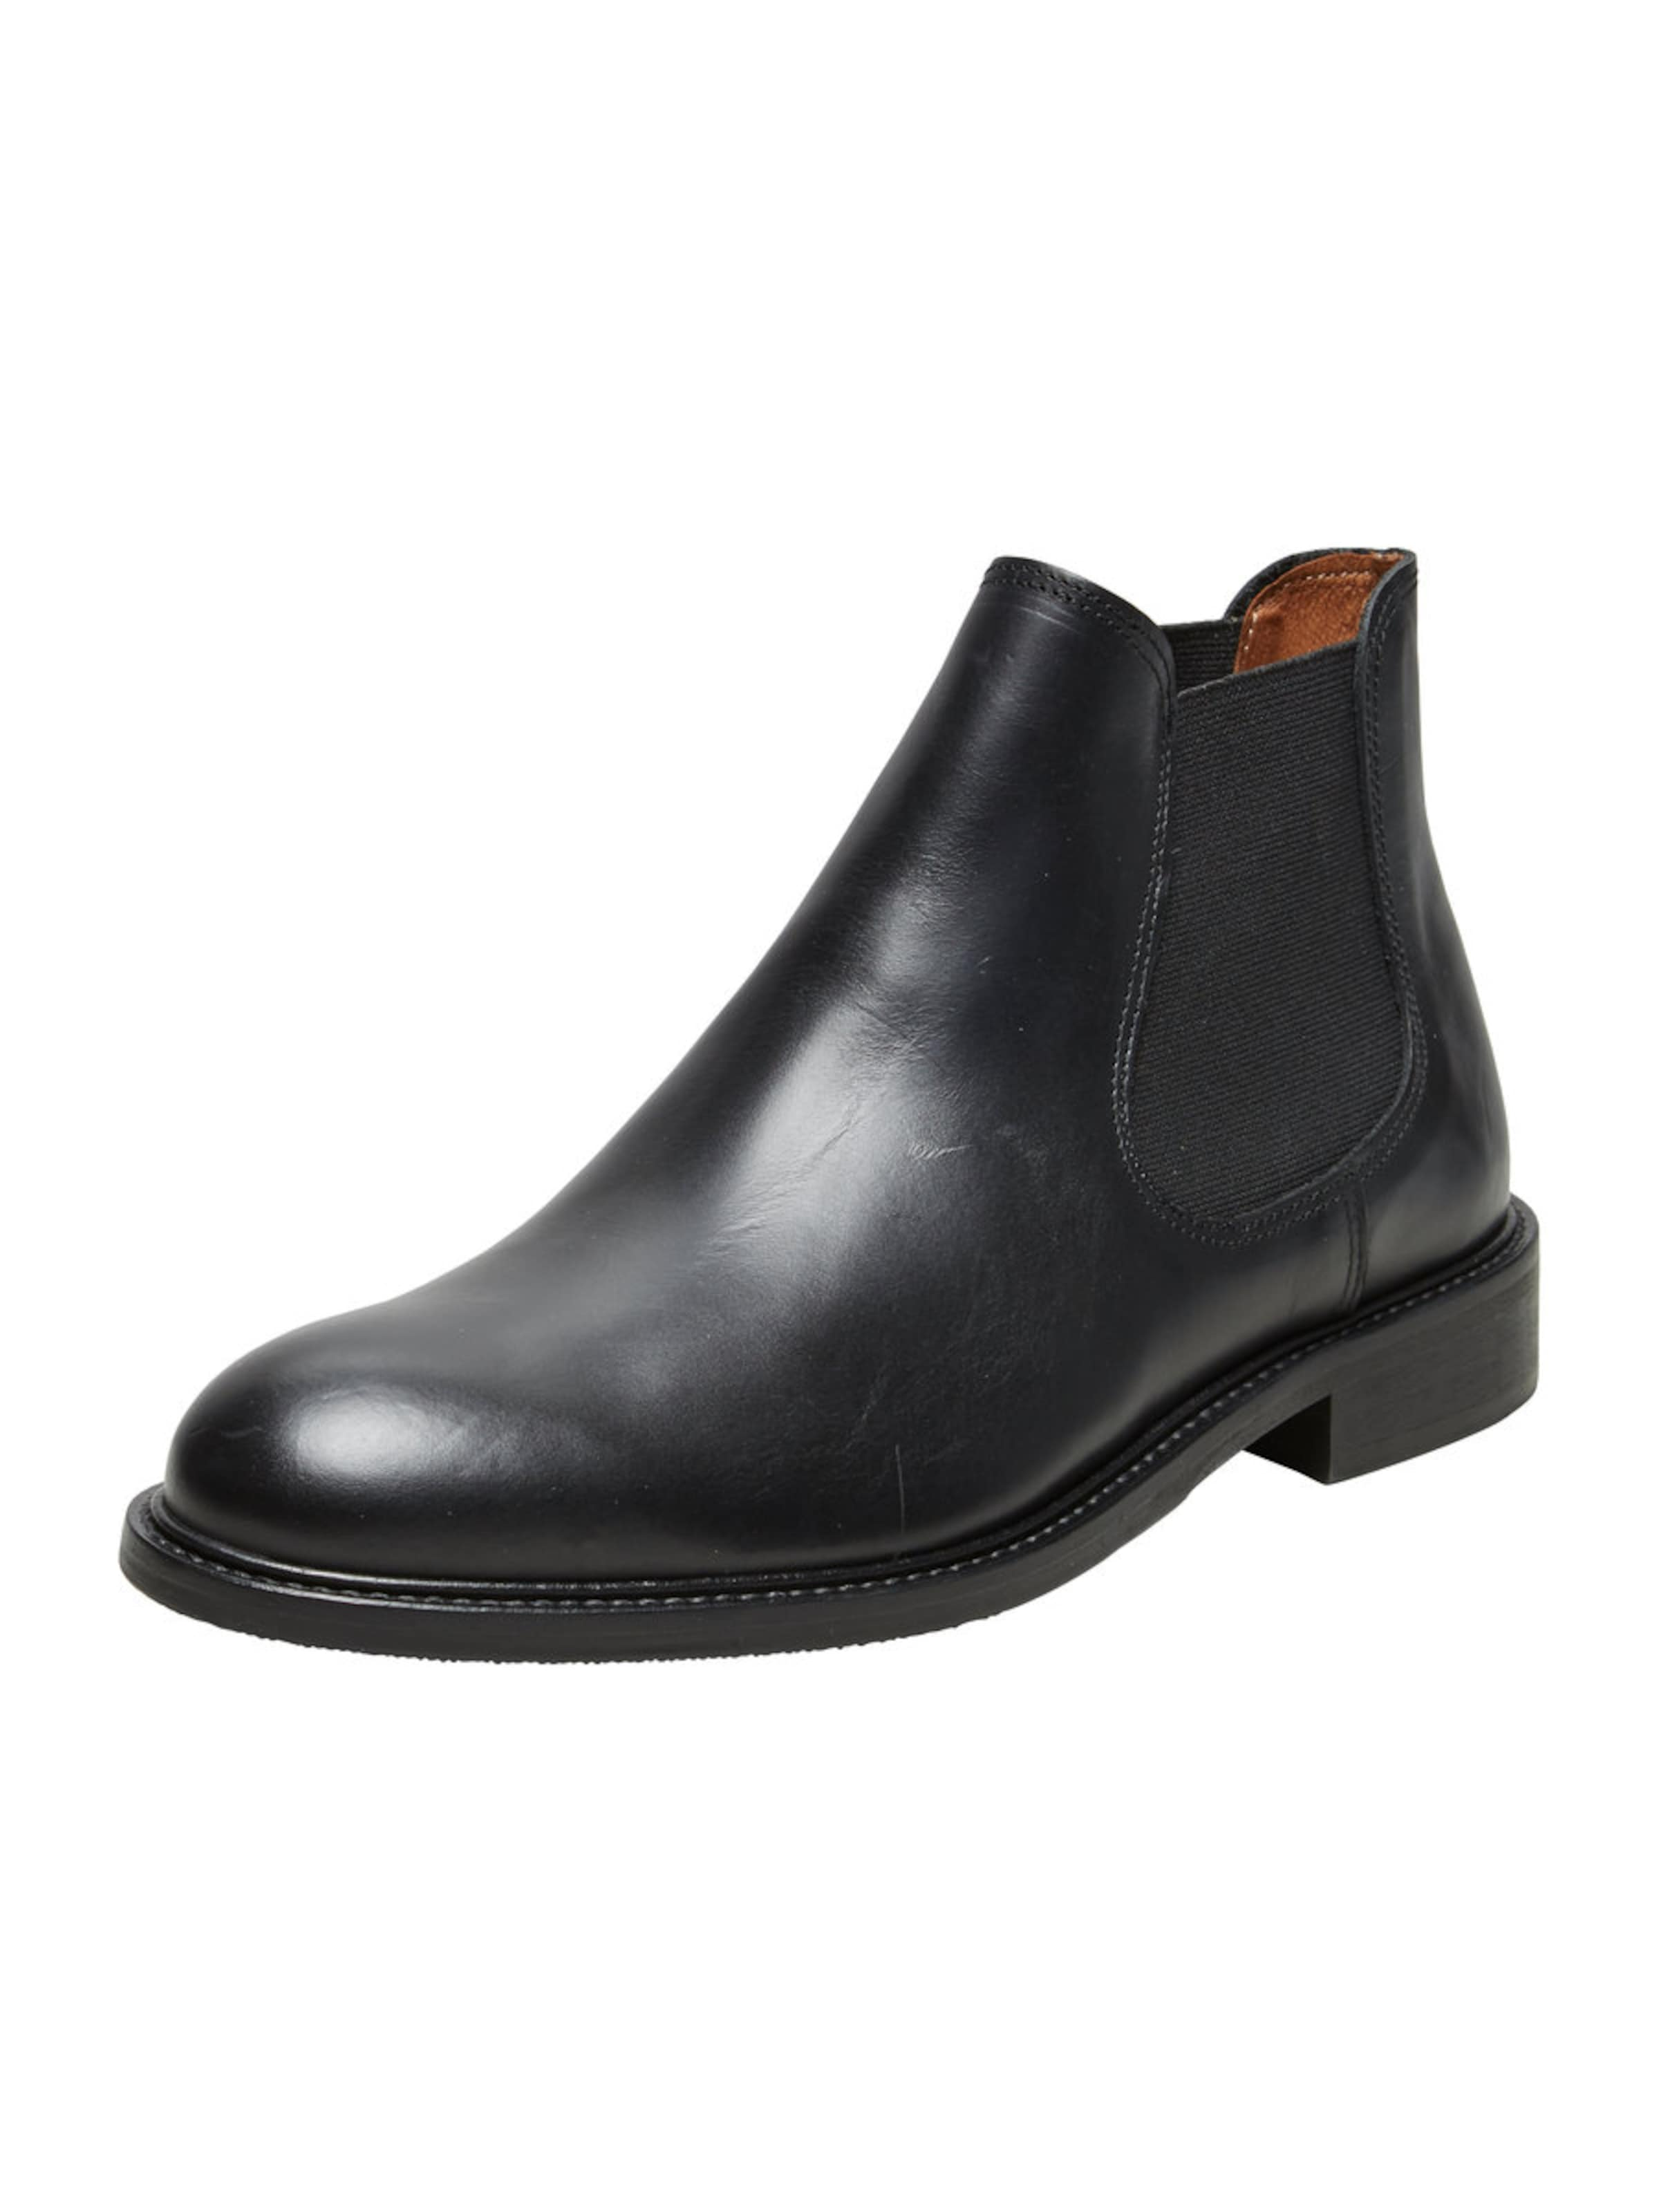 SELECTED HOMME Chelsea Lederstiefel Verschleißfeste billige Schuhe